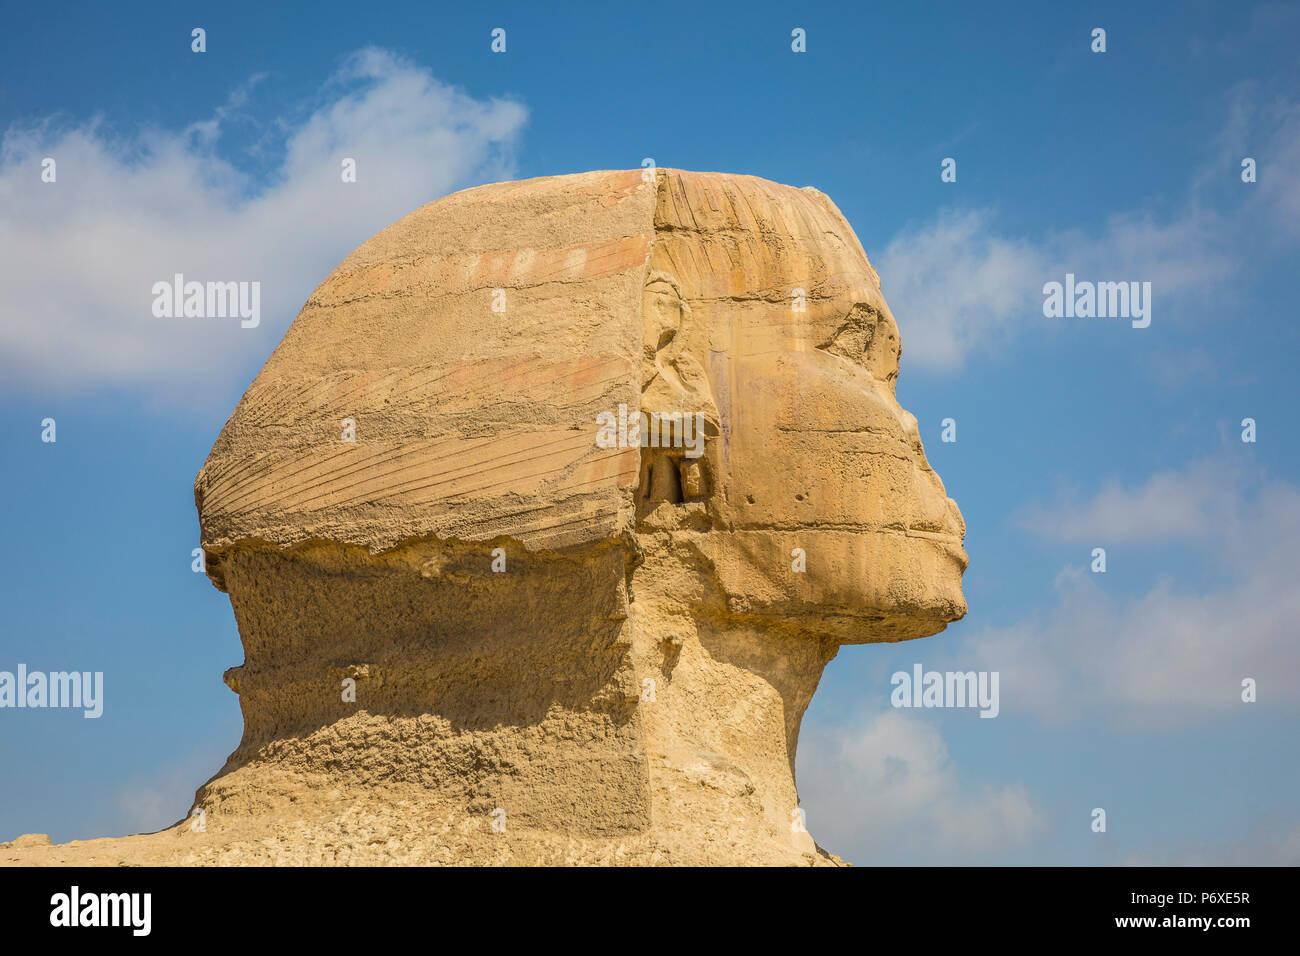 Pirámides de Giza y La Esfinge de Giza, en El Cairo, Egipto Imagen De Stock